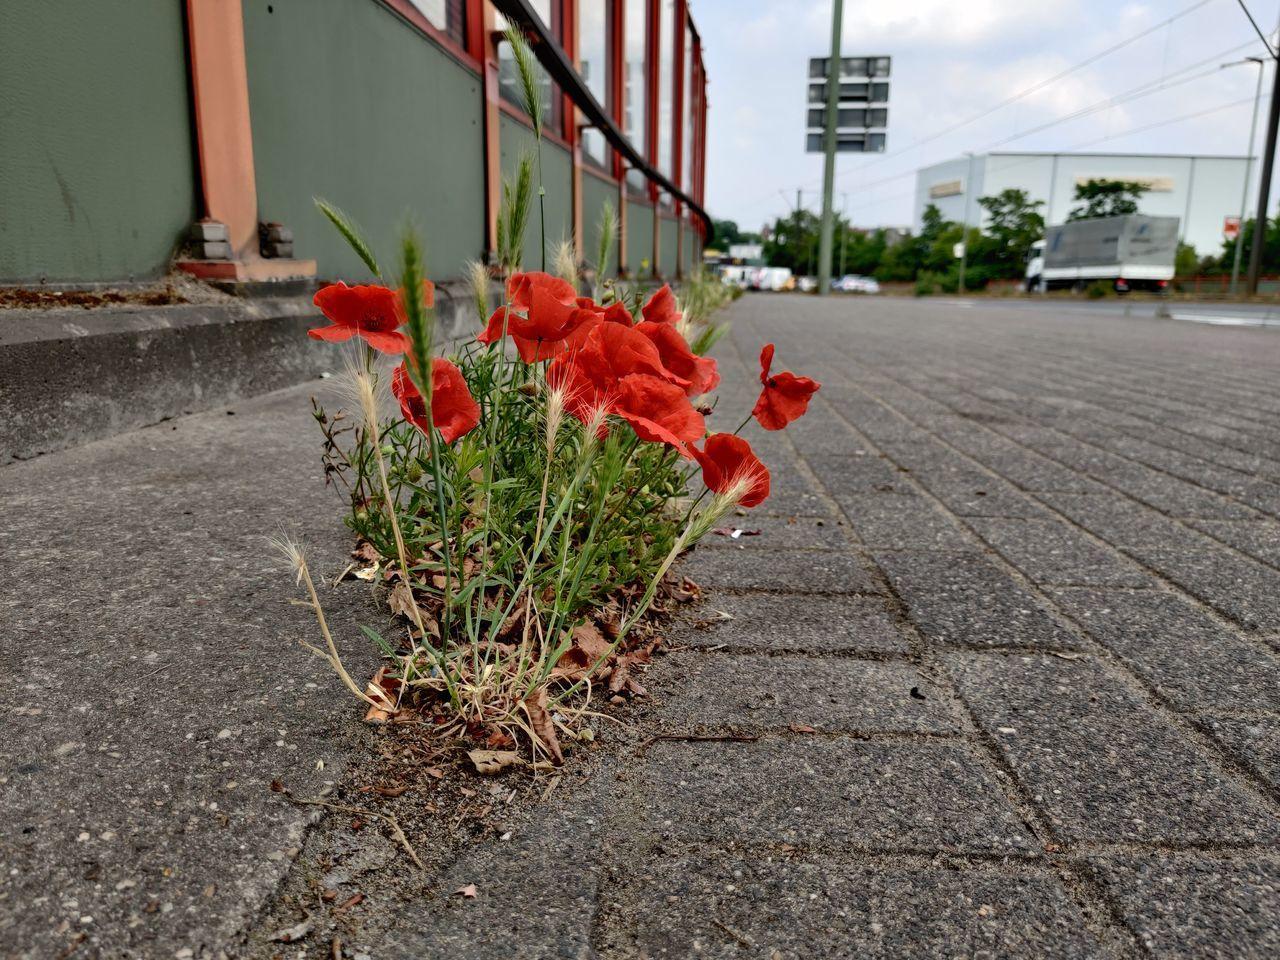 FLOWERS ON FOOTPATH